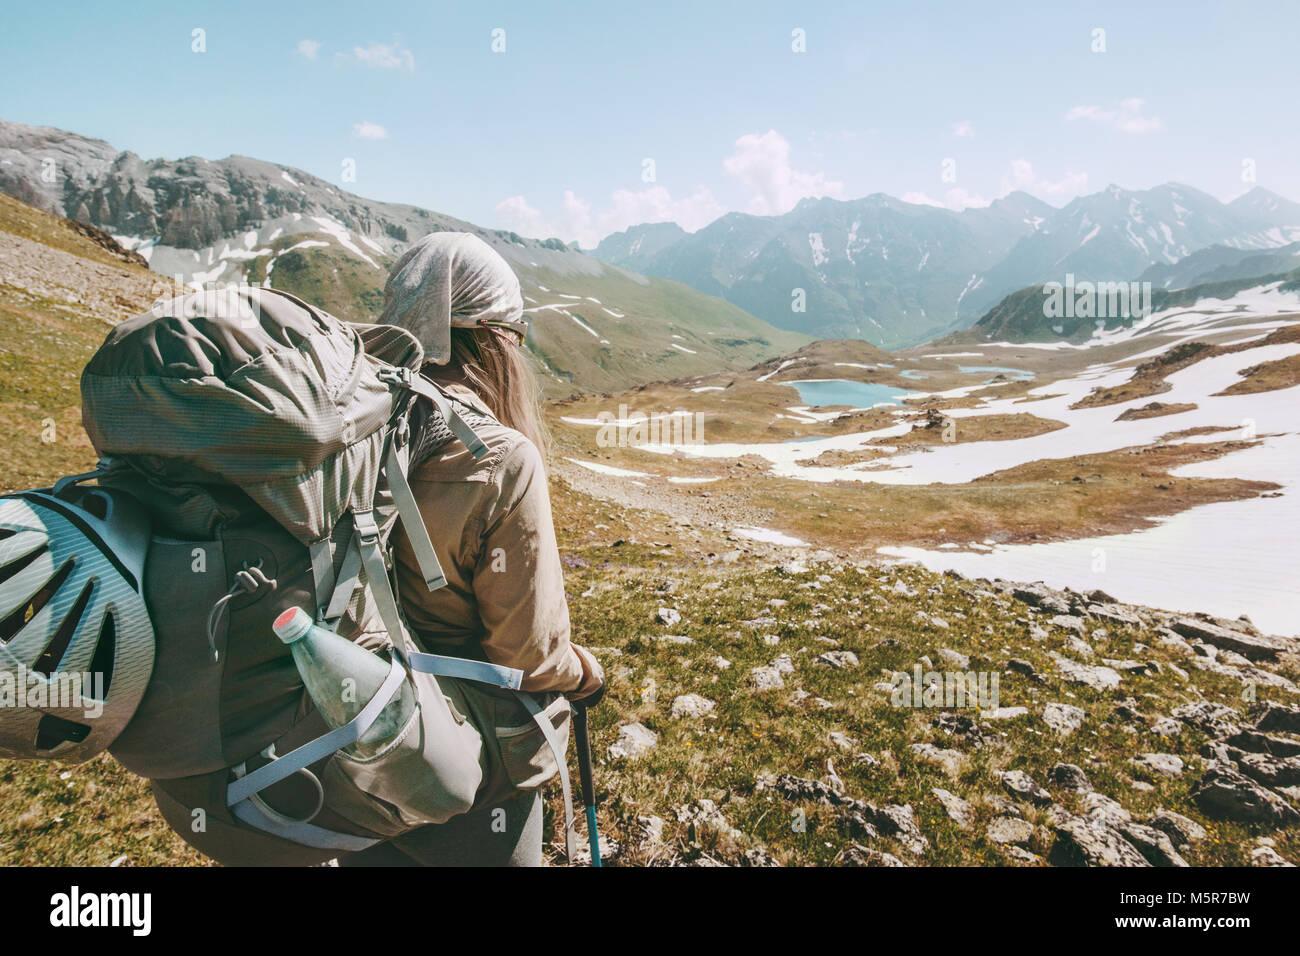 Backpacker escursioni turistiche in montagna viaggi avventura il concetto di stile di vita attivo vacanze estate Immagini Stock